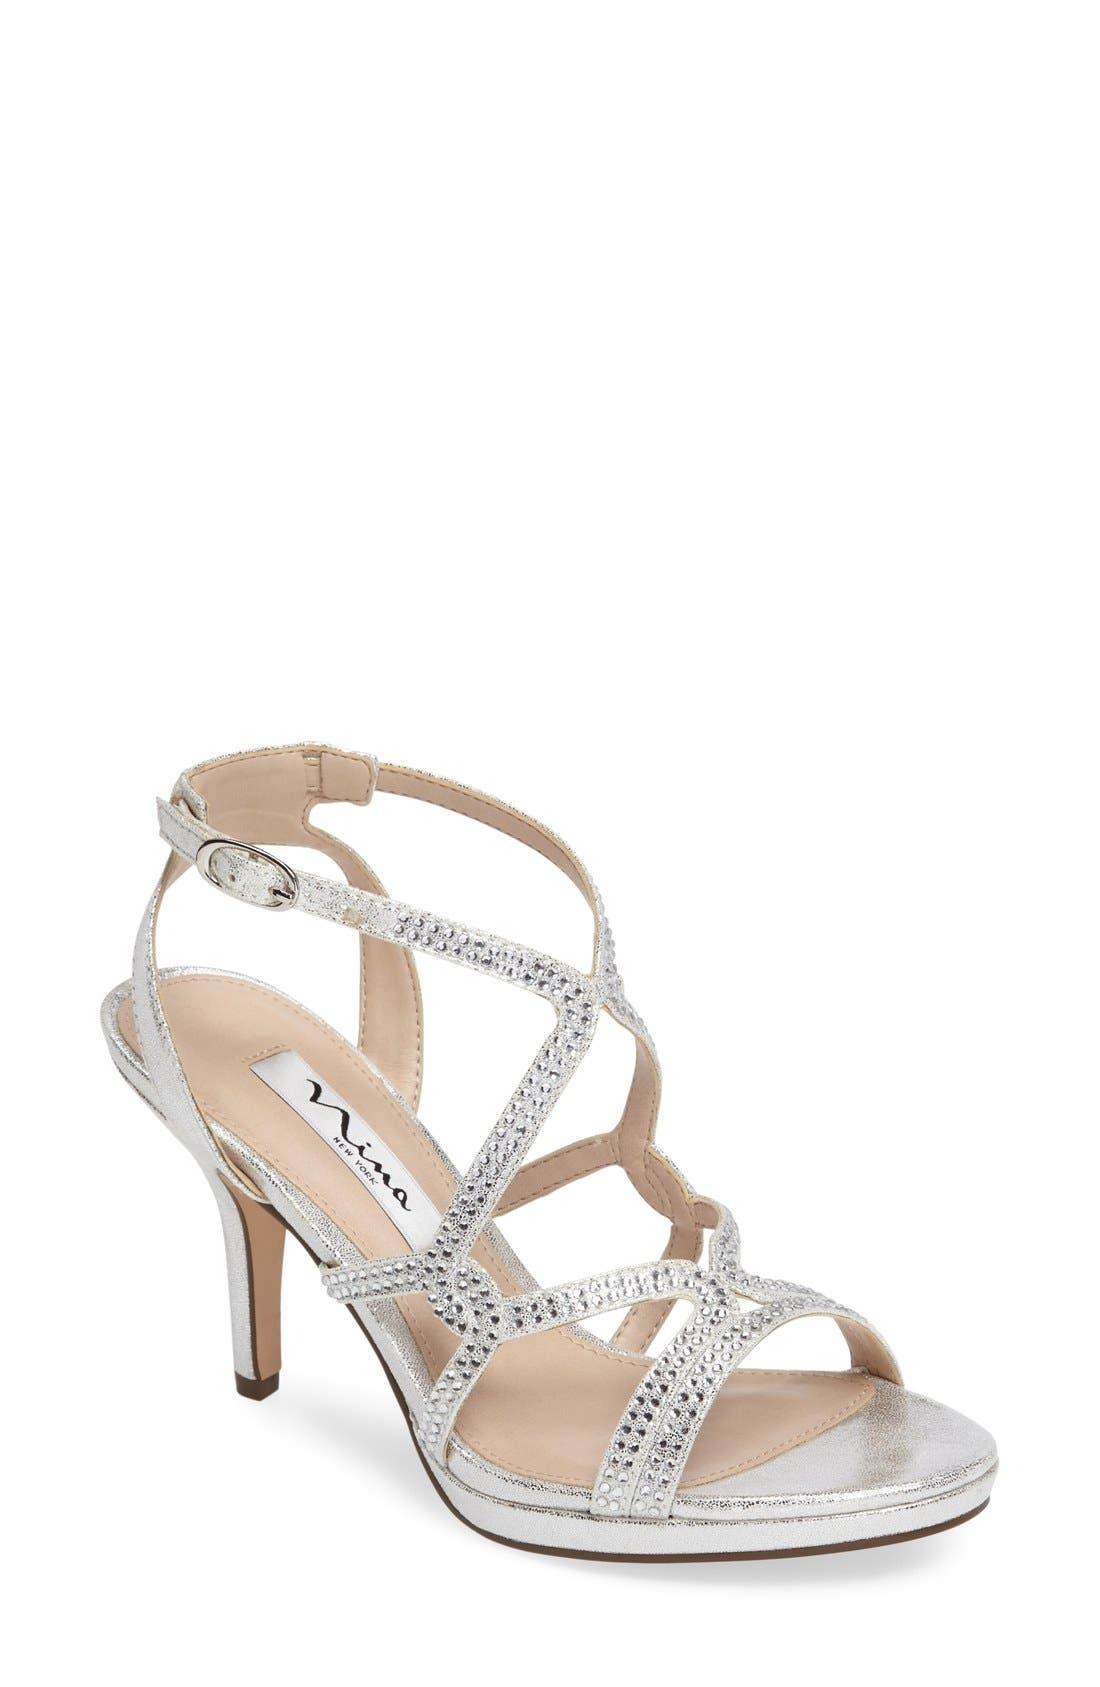 Varsha Crystal Embellished Evening Sandal,                         Main,                         color, SILVER FAUX SUEDE